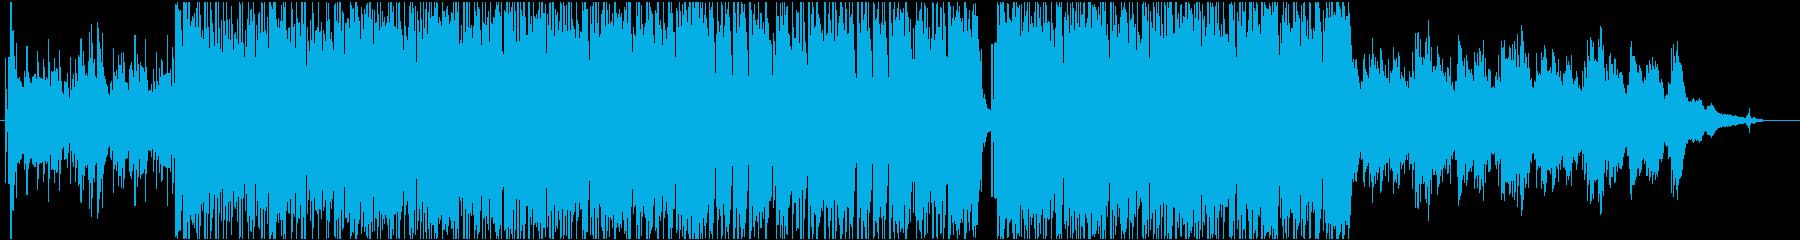 始まりを予感させる軽快なポストロックの再生済みの波形